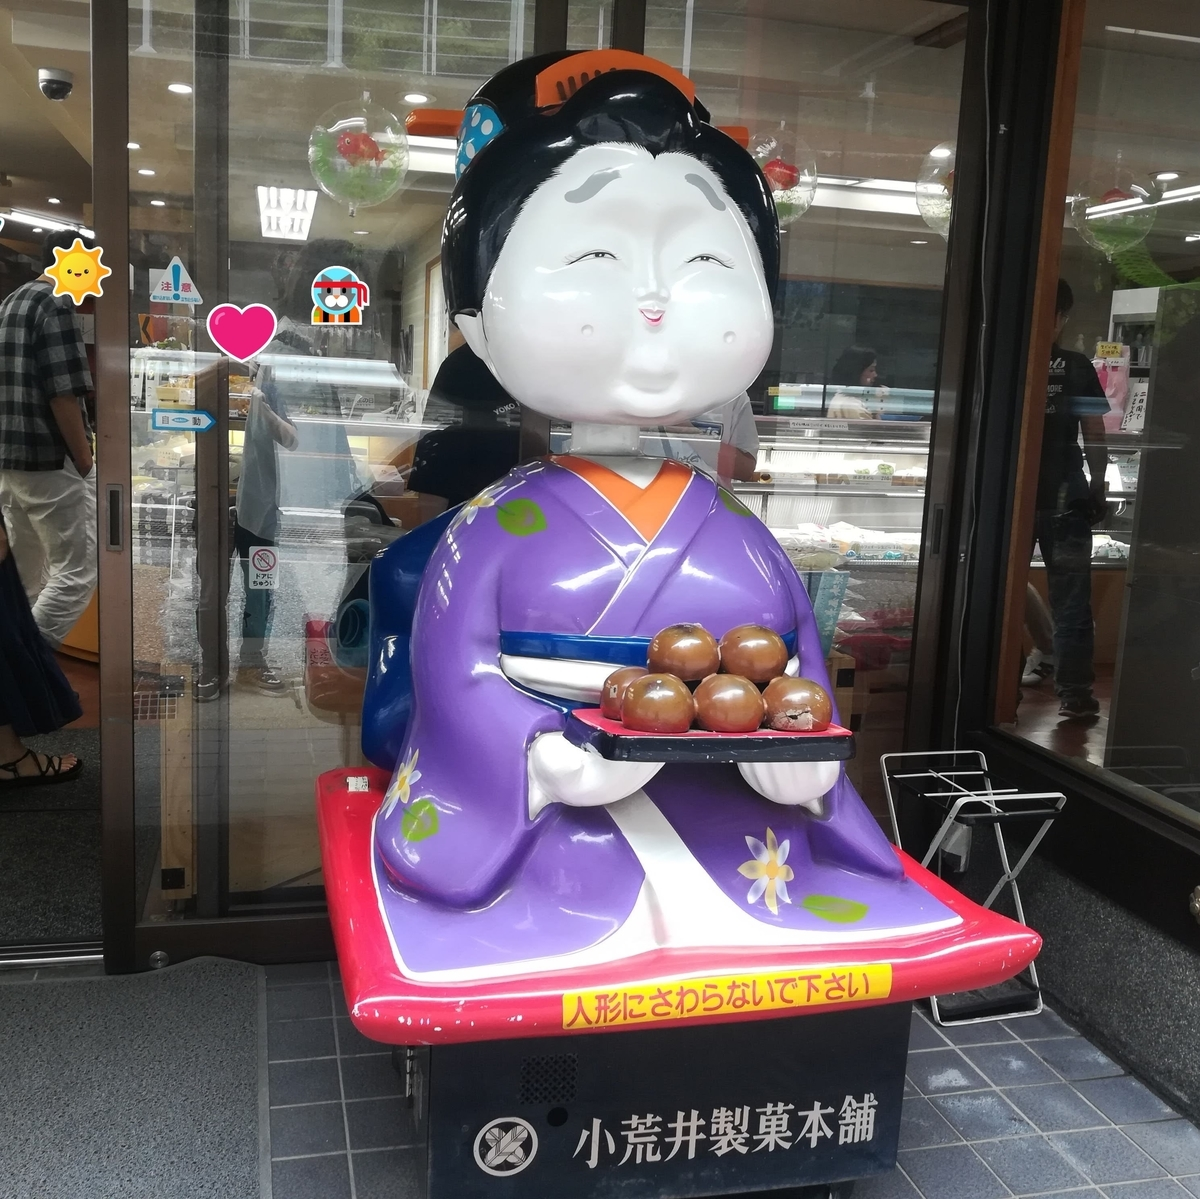 小荒井製菓のお人形を見かけたらぜひ立ち寄ってみましょう!